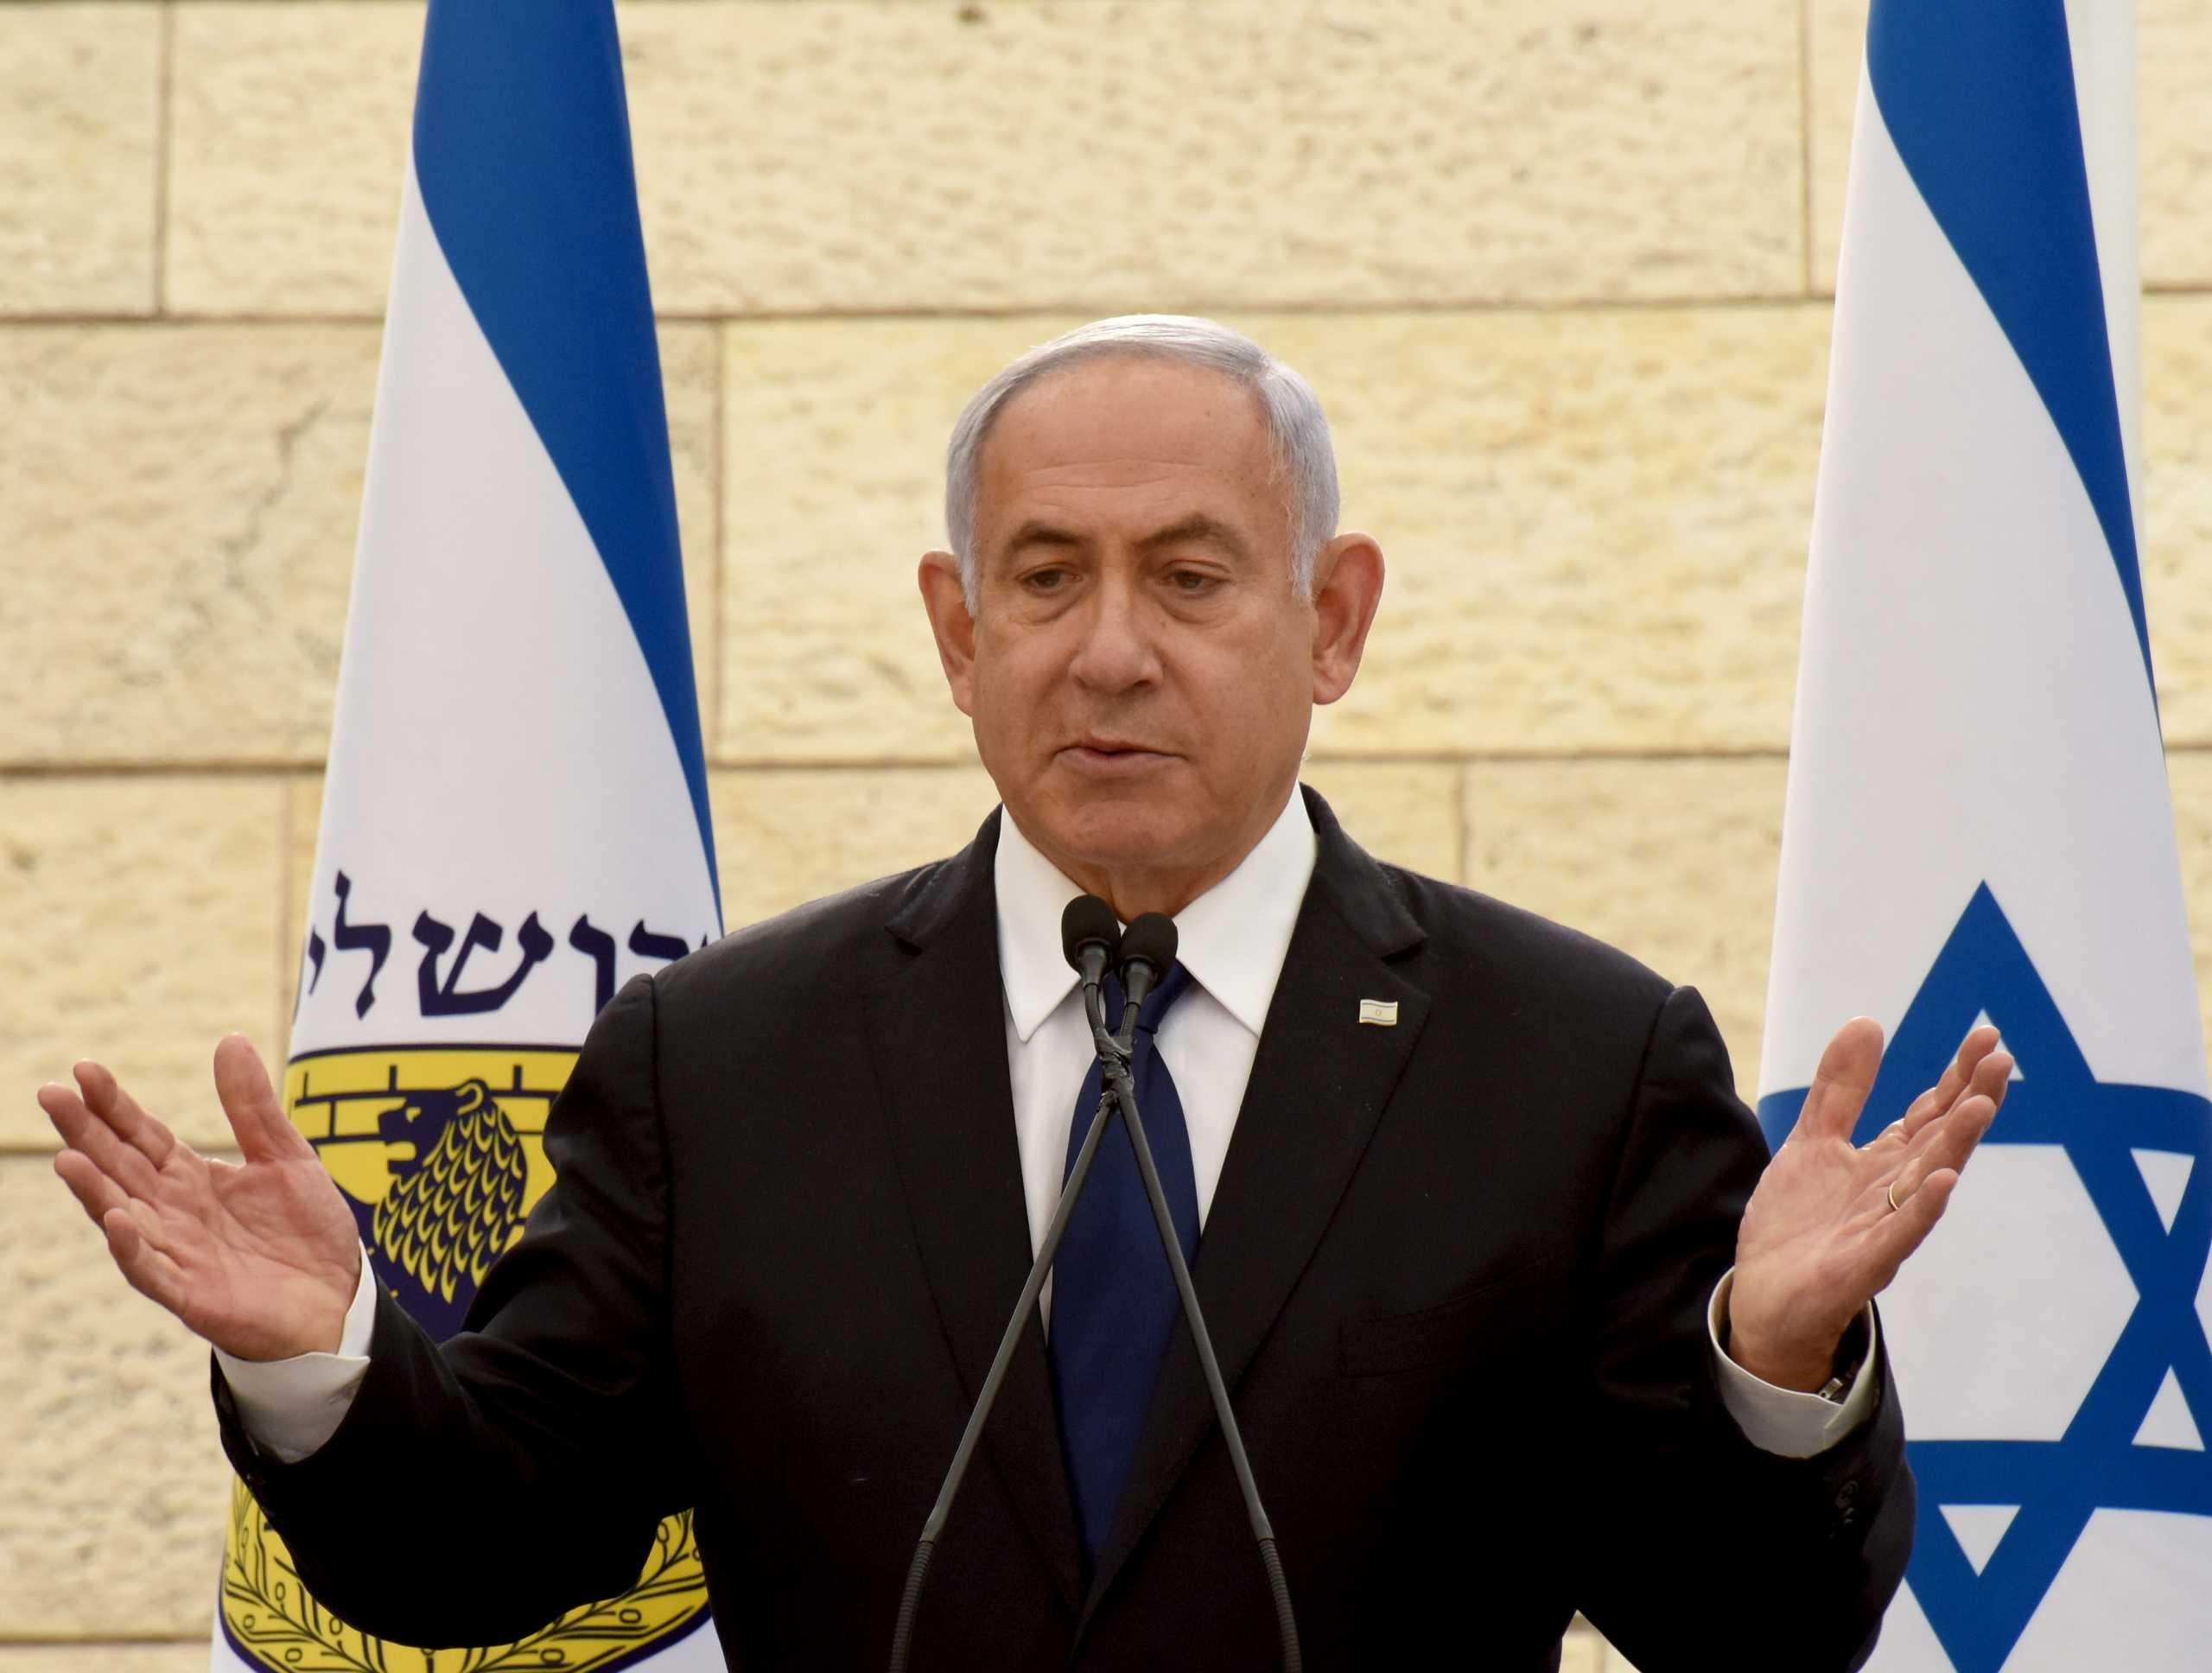 Ισραήλ: Ο Νετανιάχου δεν κατάφερε να σχηματίσει κυβέρνηση – Ανοίγει ο δρόμος για τους αντιπάλους του